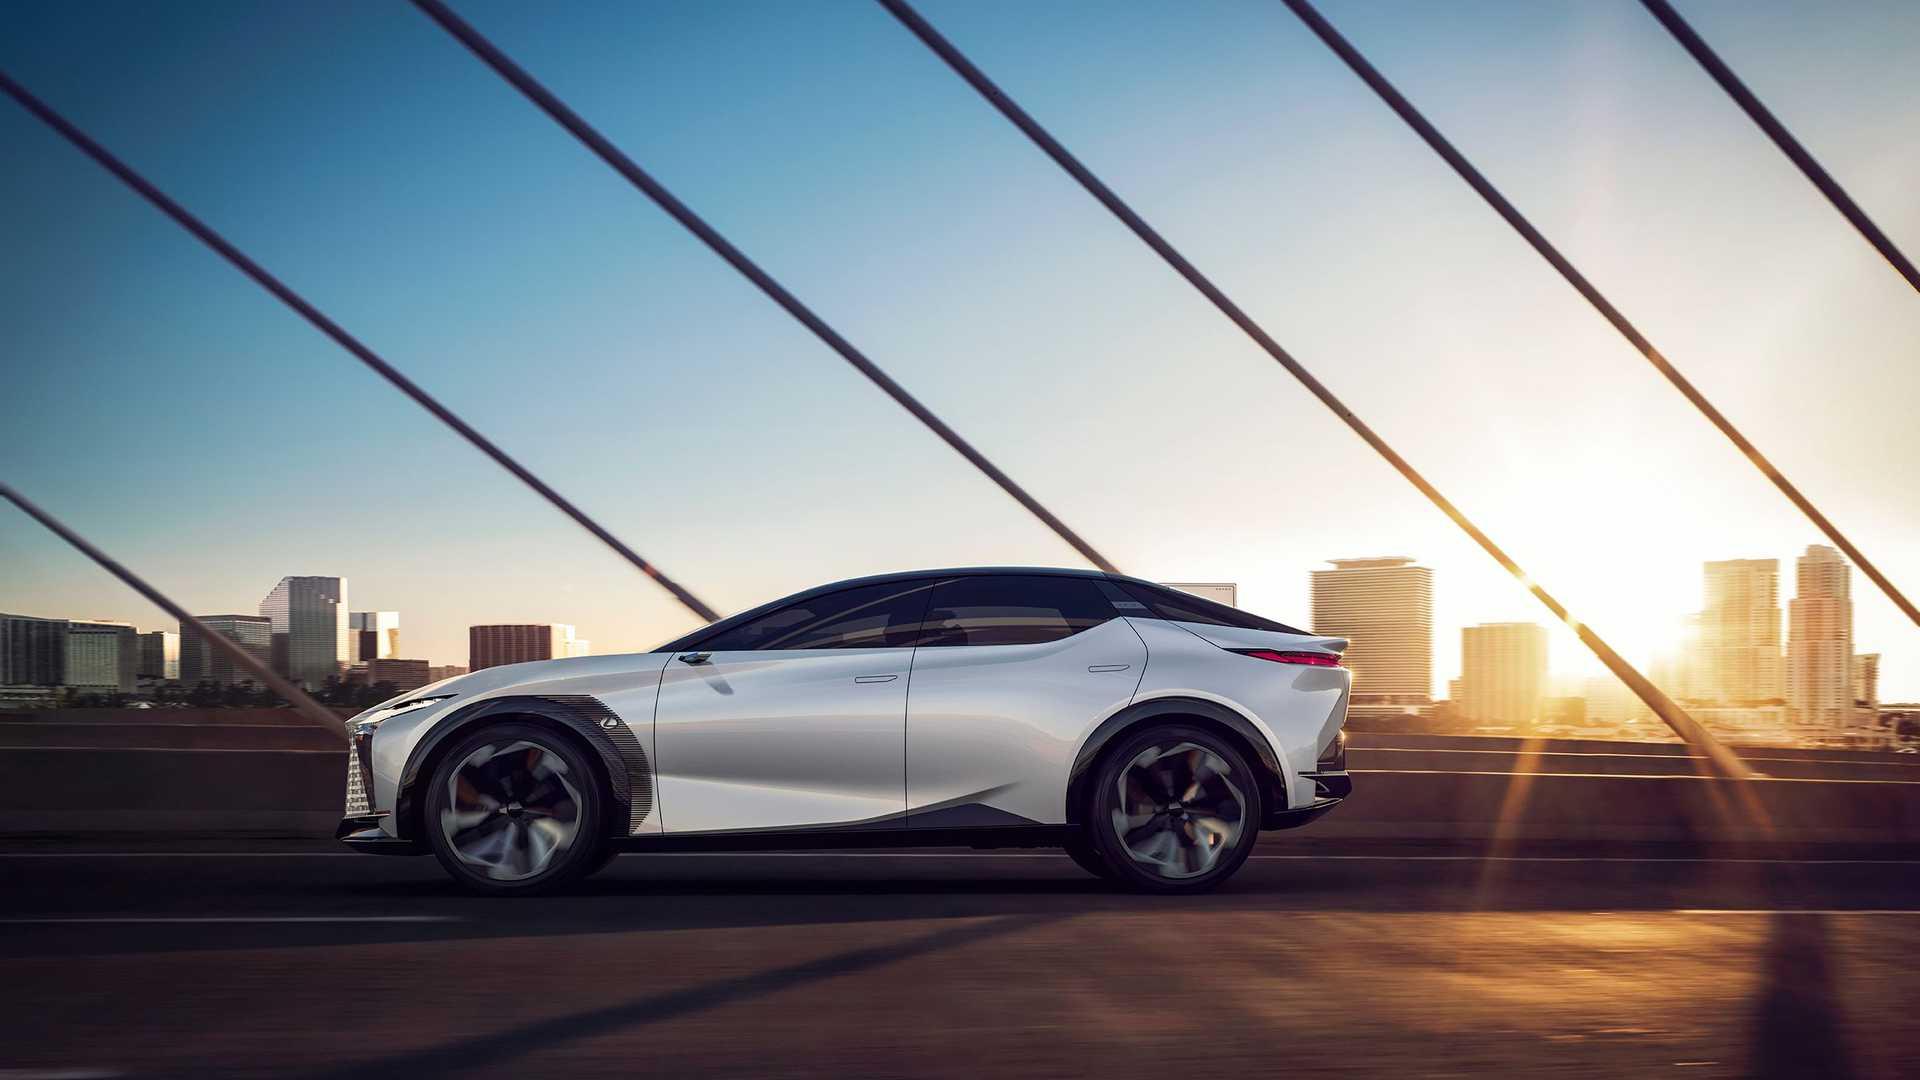 LF-Z 也預告了未來 Lexus 的設計走向。